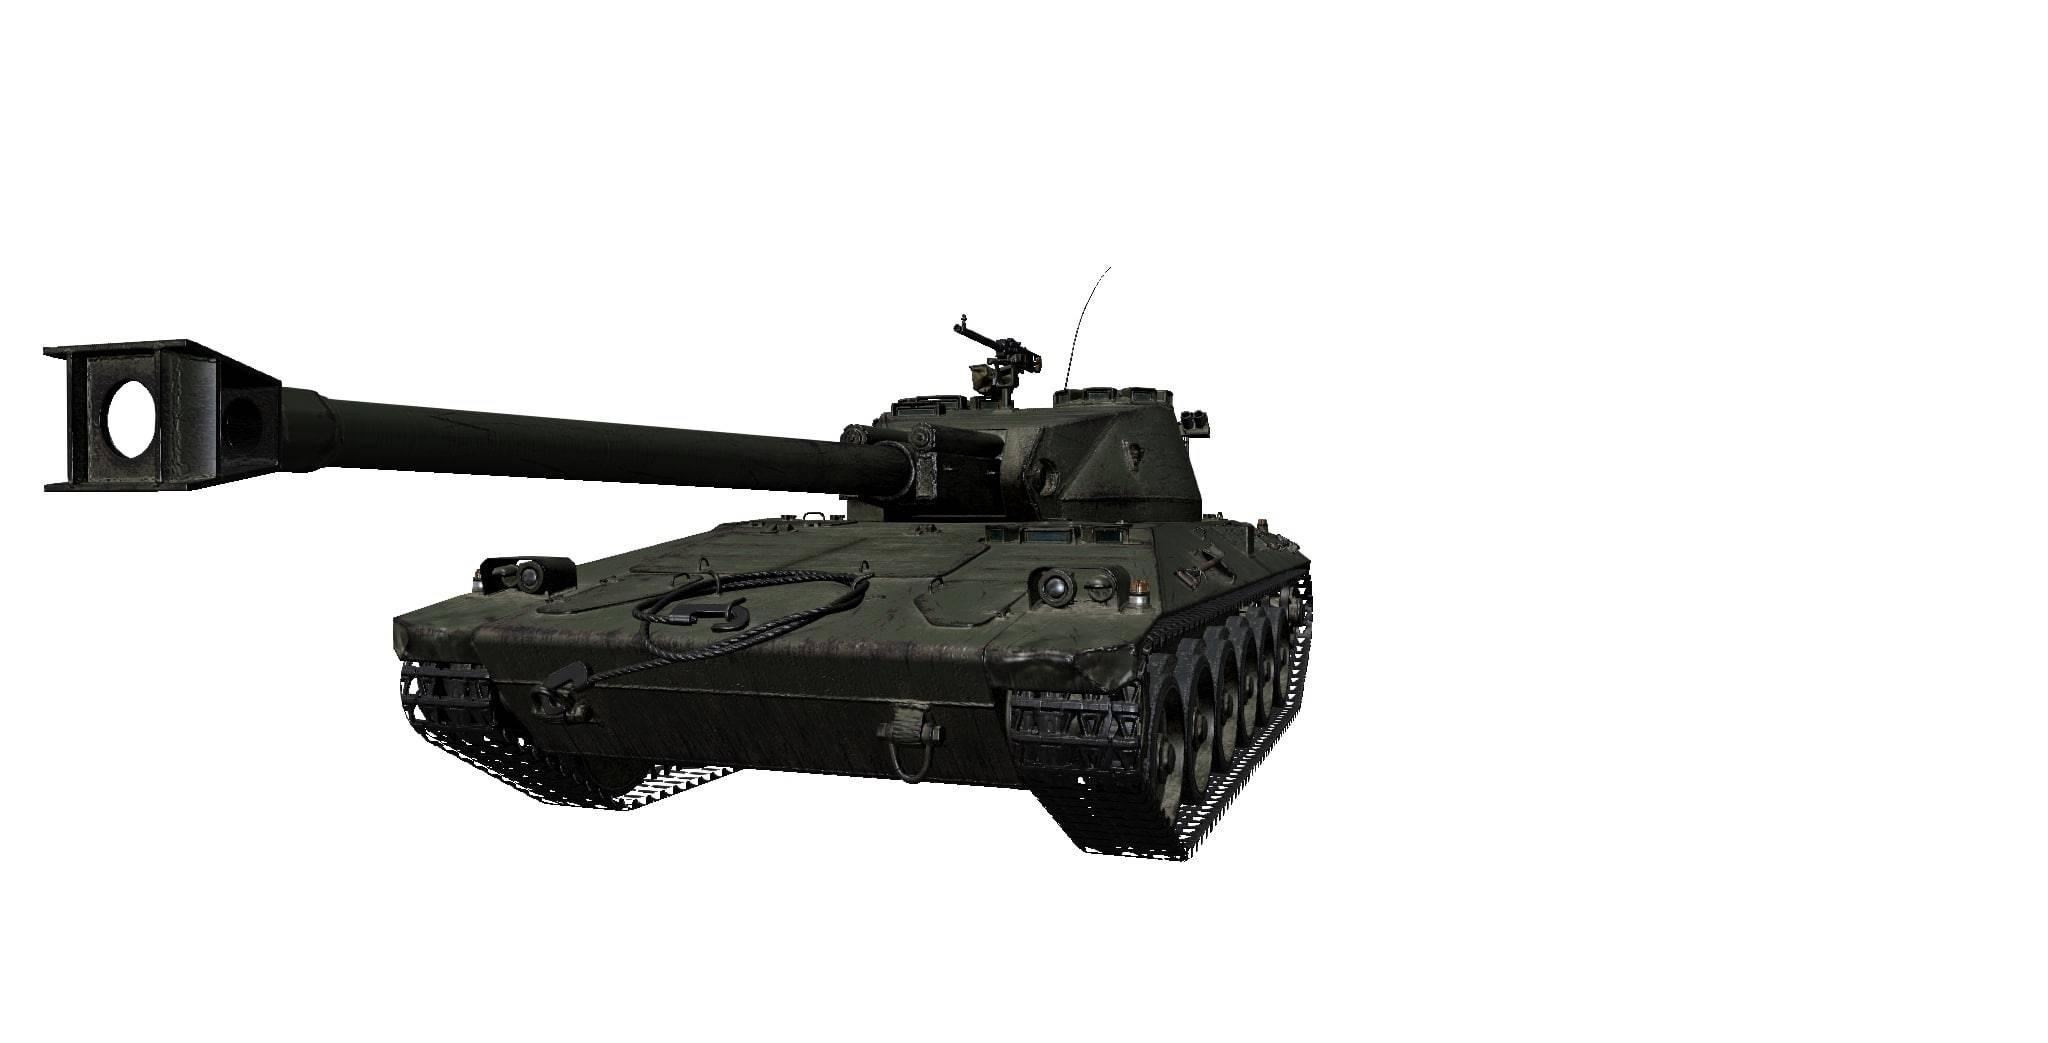 Орудие танка UDES 14 Alt 5